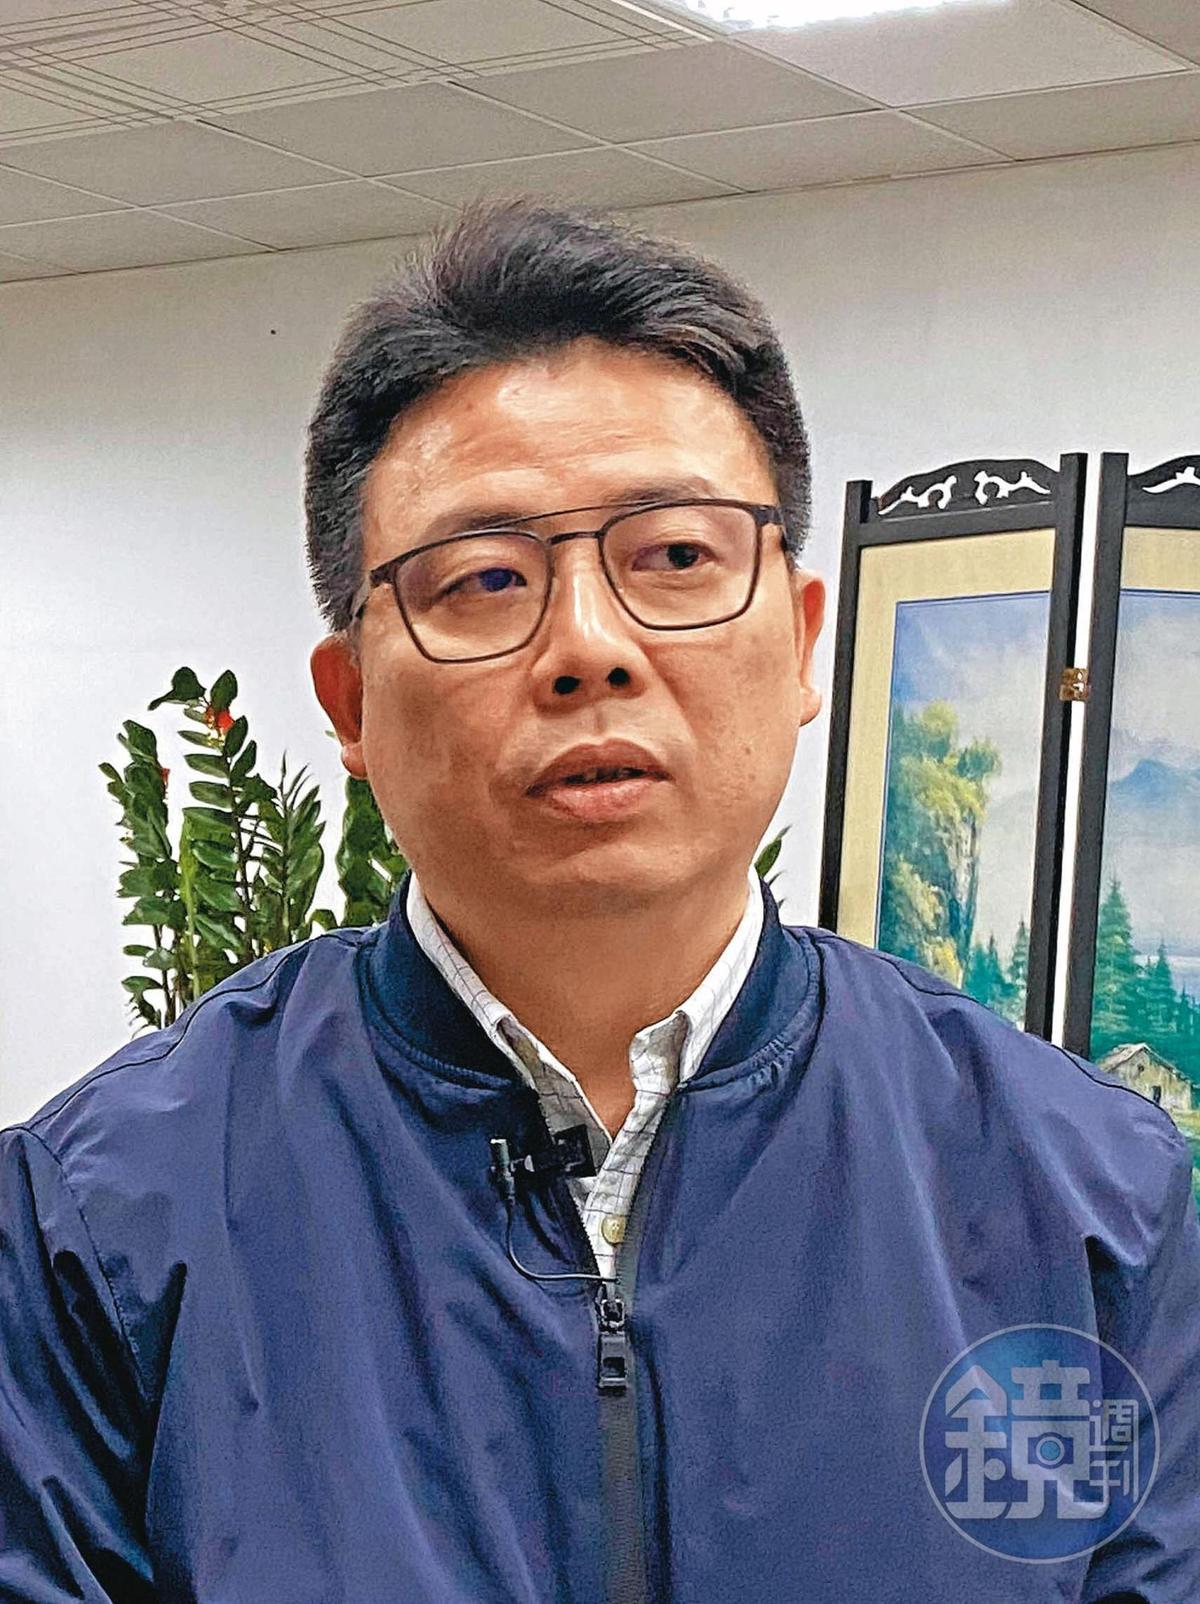 時任新店警分局偵查隊長的林盛禾,向本刊詳述吳善九命案的破案過程。